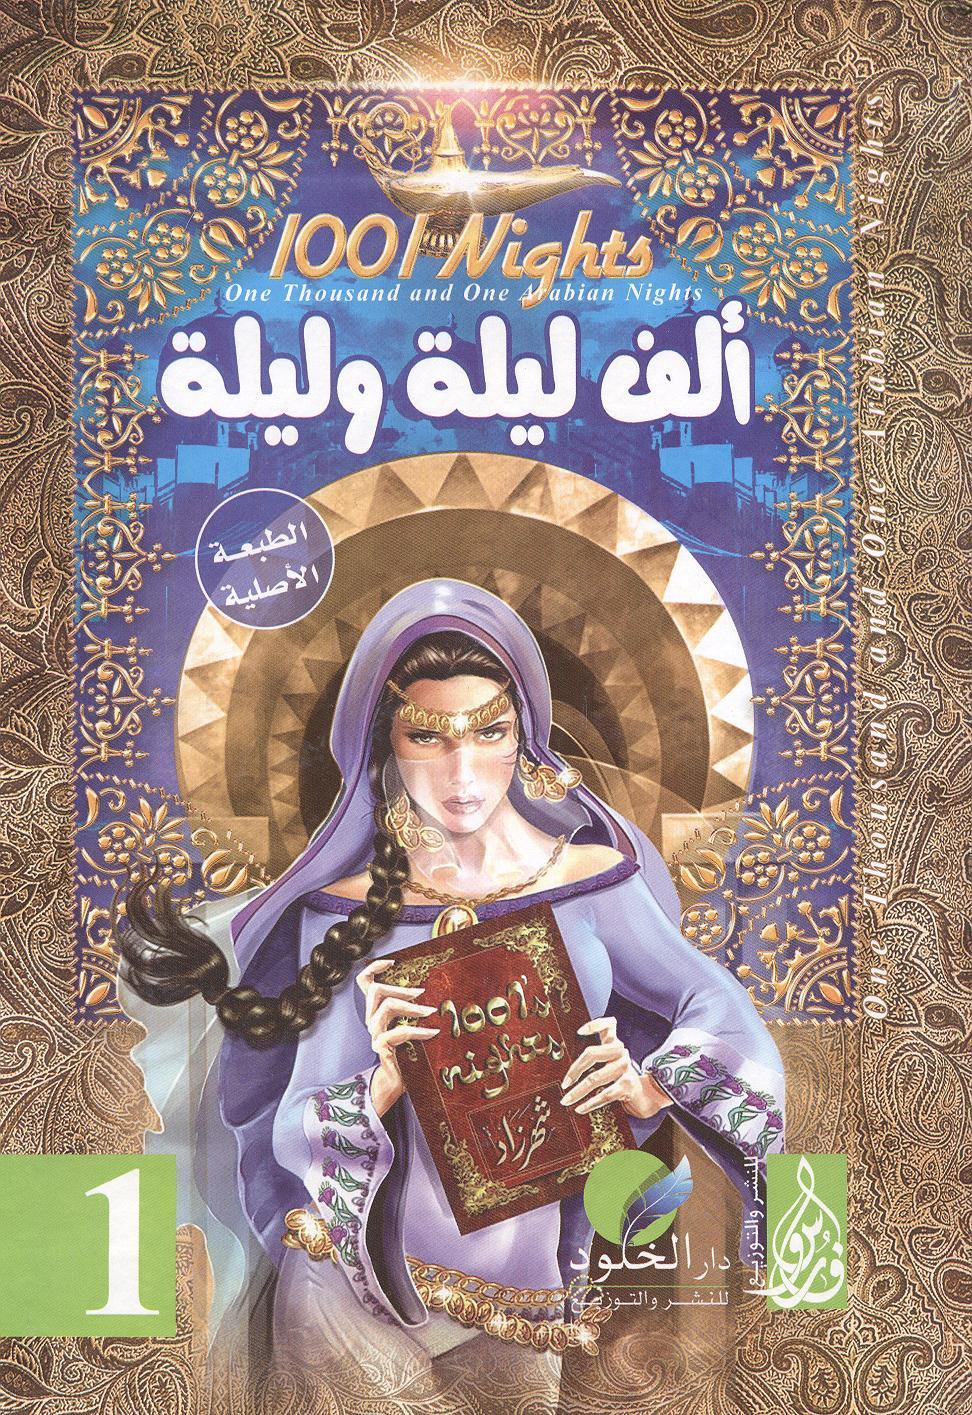 تحميل كتاب الف ليلة وليلة كامل pdf